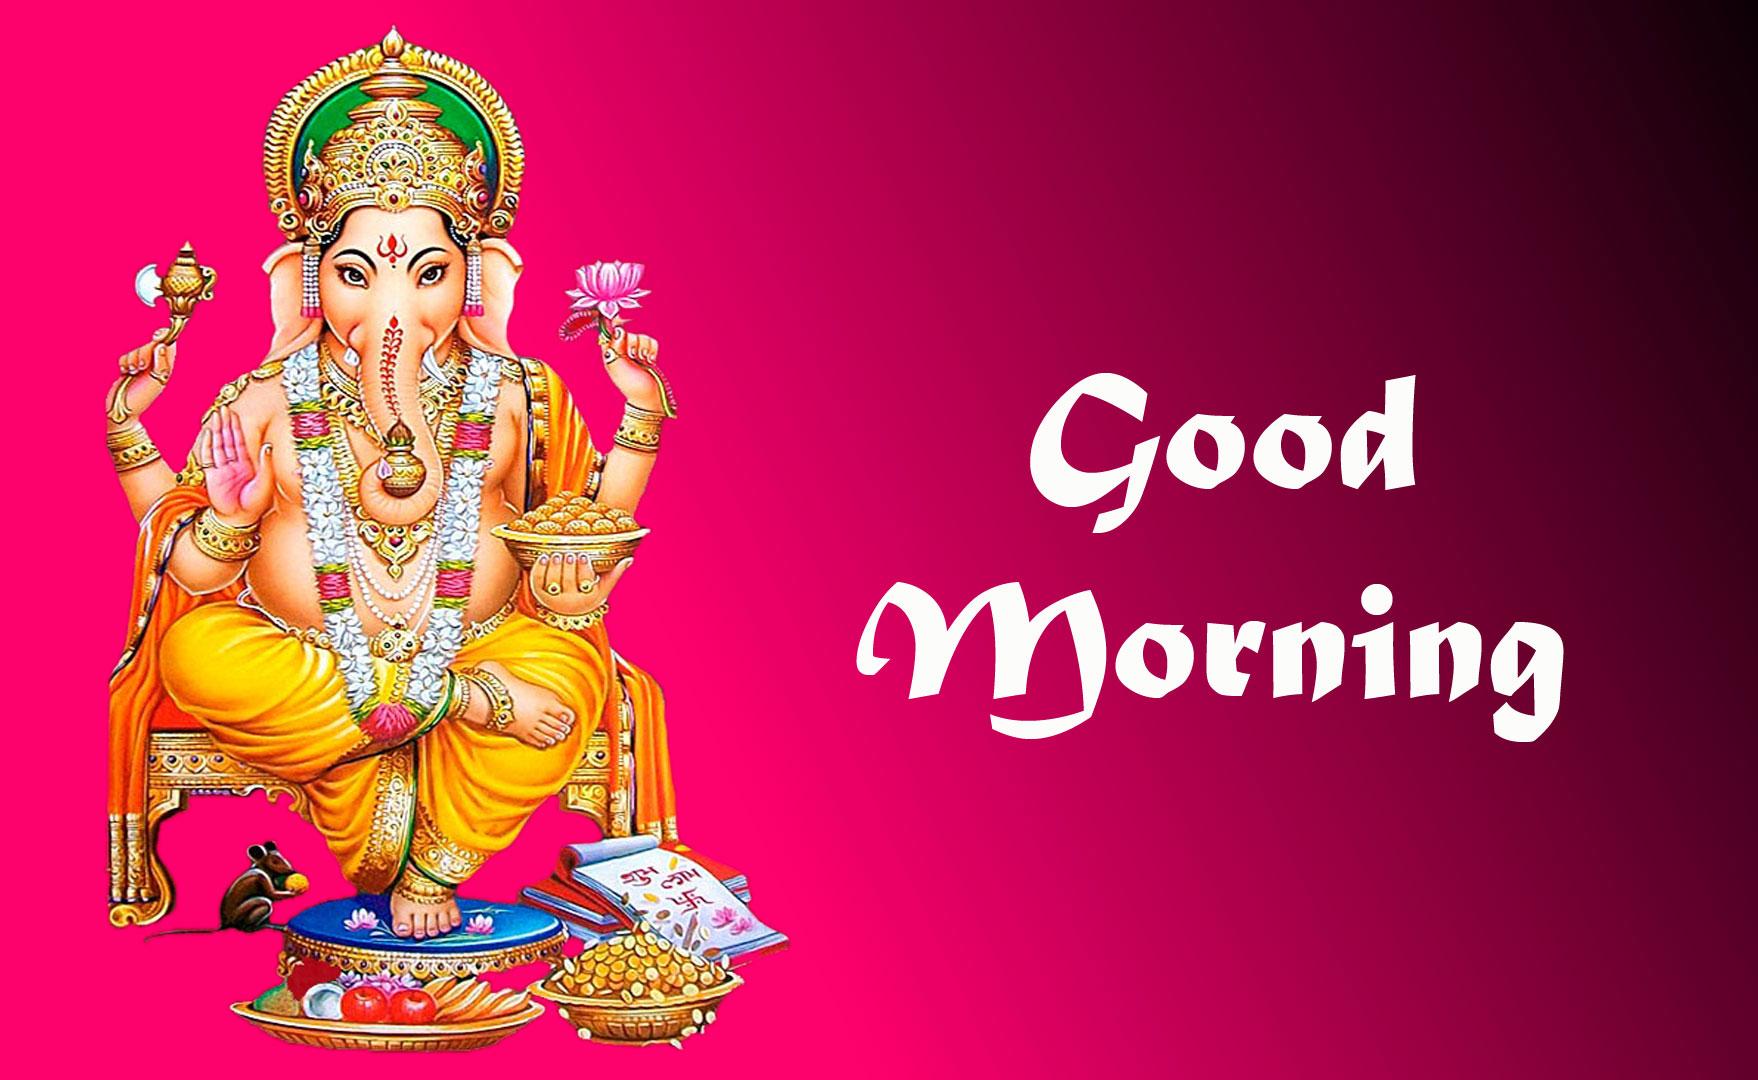 New ganesha good morning images pics download 2021